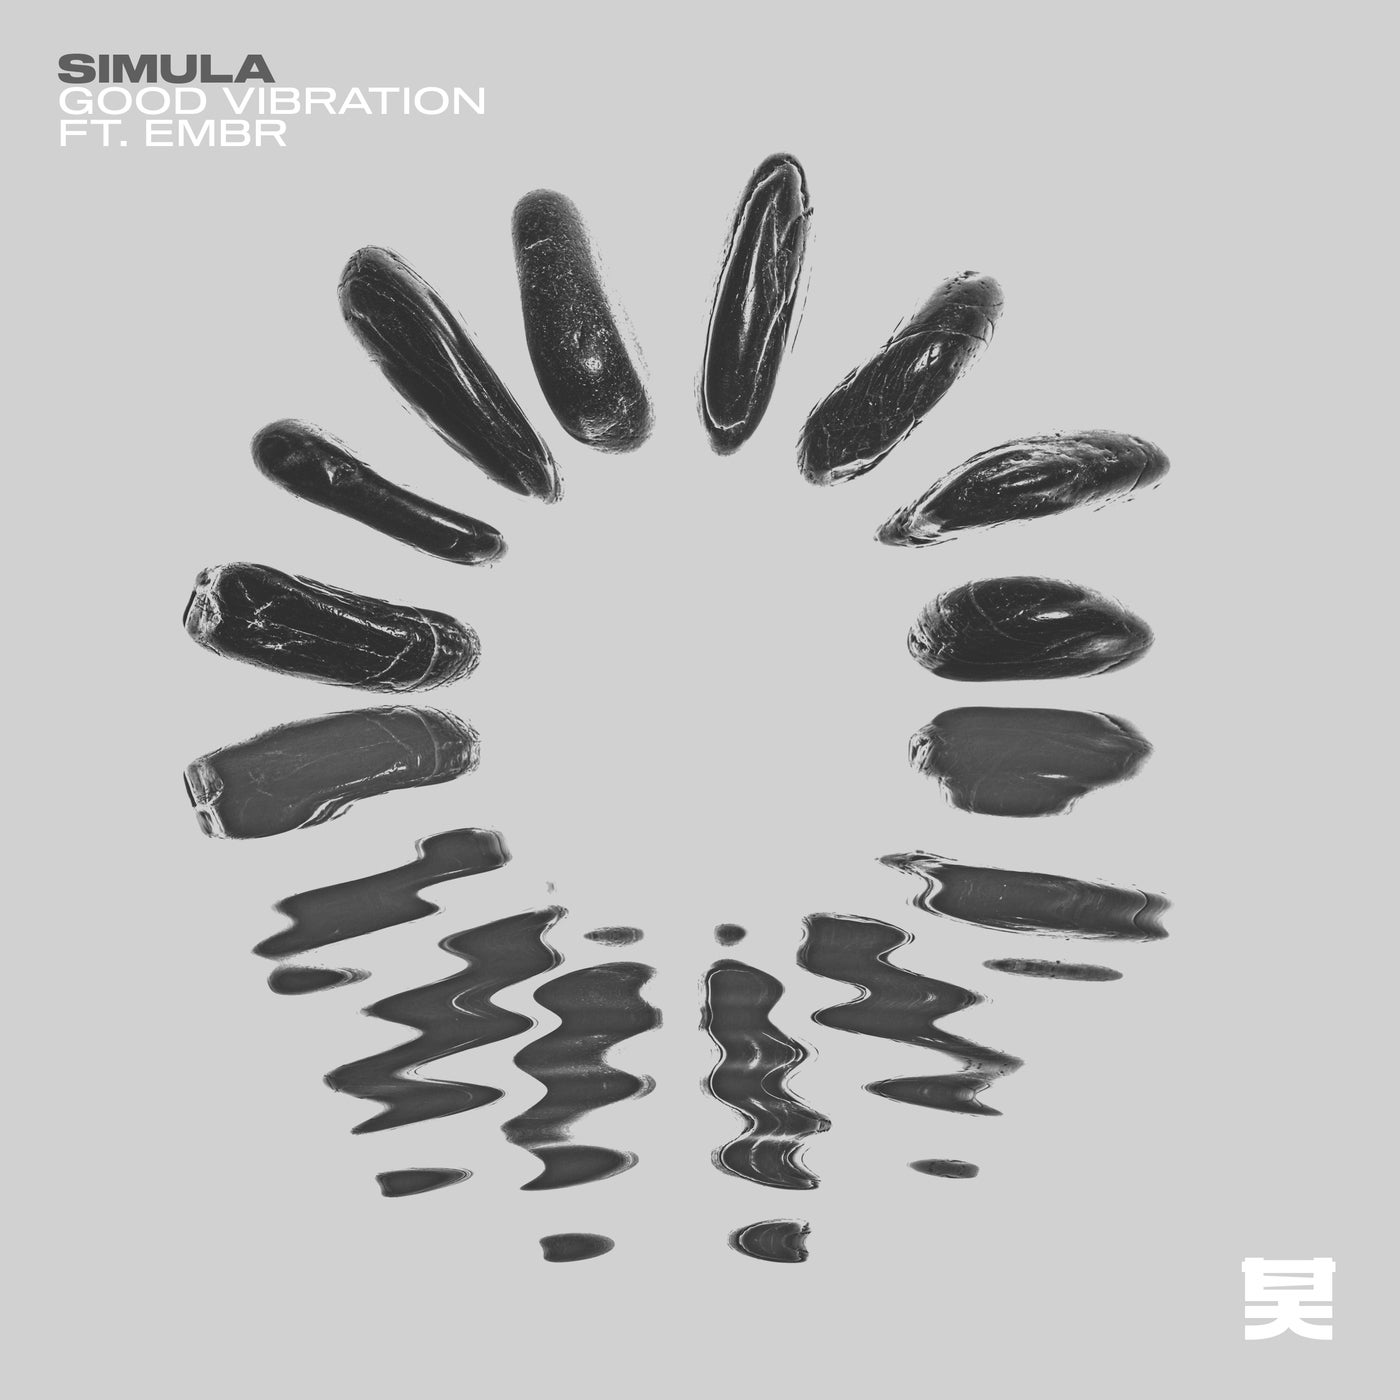 Good Vibration Ft. Embr (Original Mix)